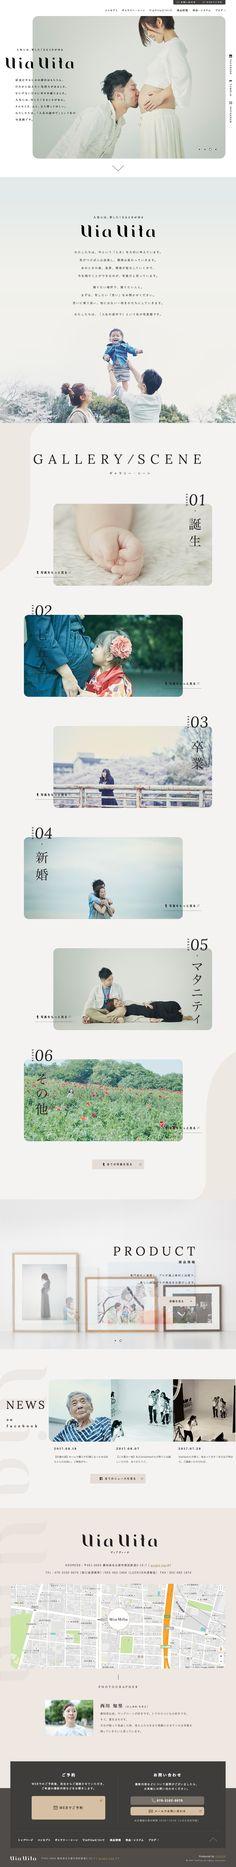 人生には、写したくなるときがある。名古屋の写真館ViaVita : 81-web.com【Webデザイン リンク集】